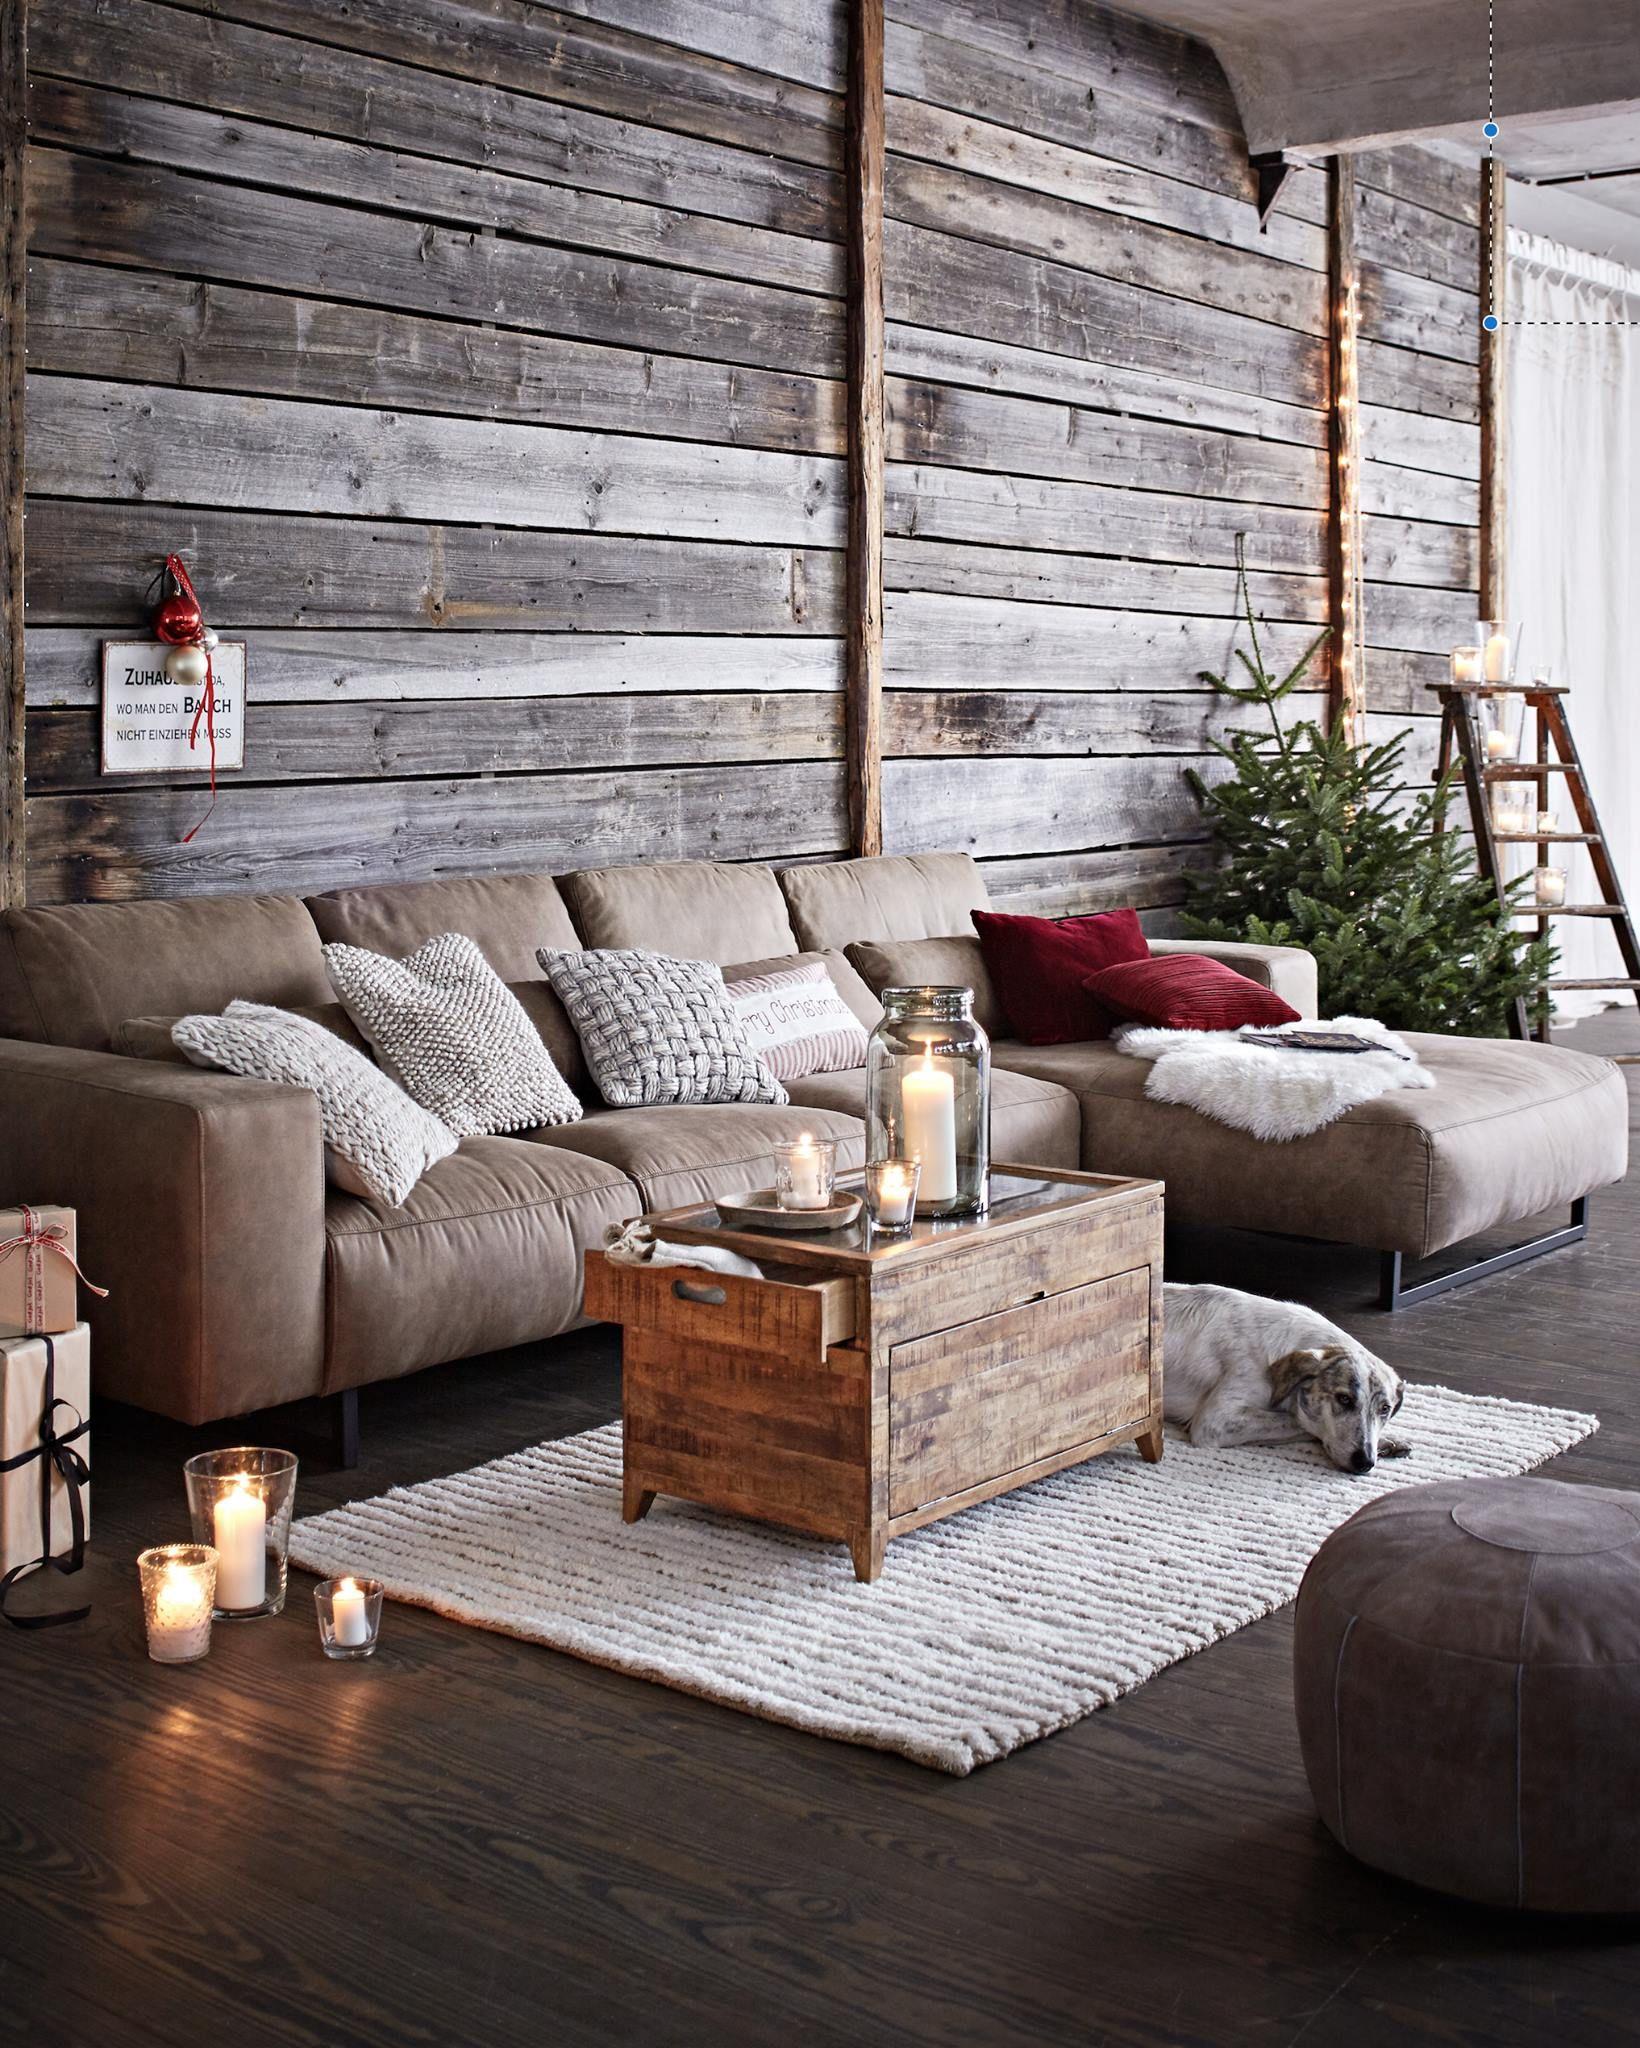 diese opulente sitzlandschaft l d zum gem tlichen relaxen und plaudern ein impressionen. Black Bedroom Furniture Sets. Home Design Ideas